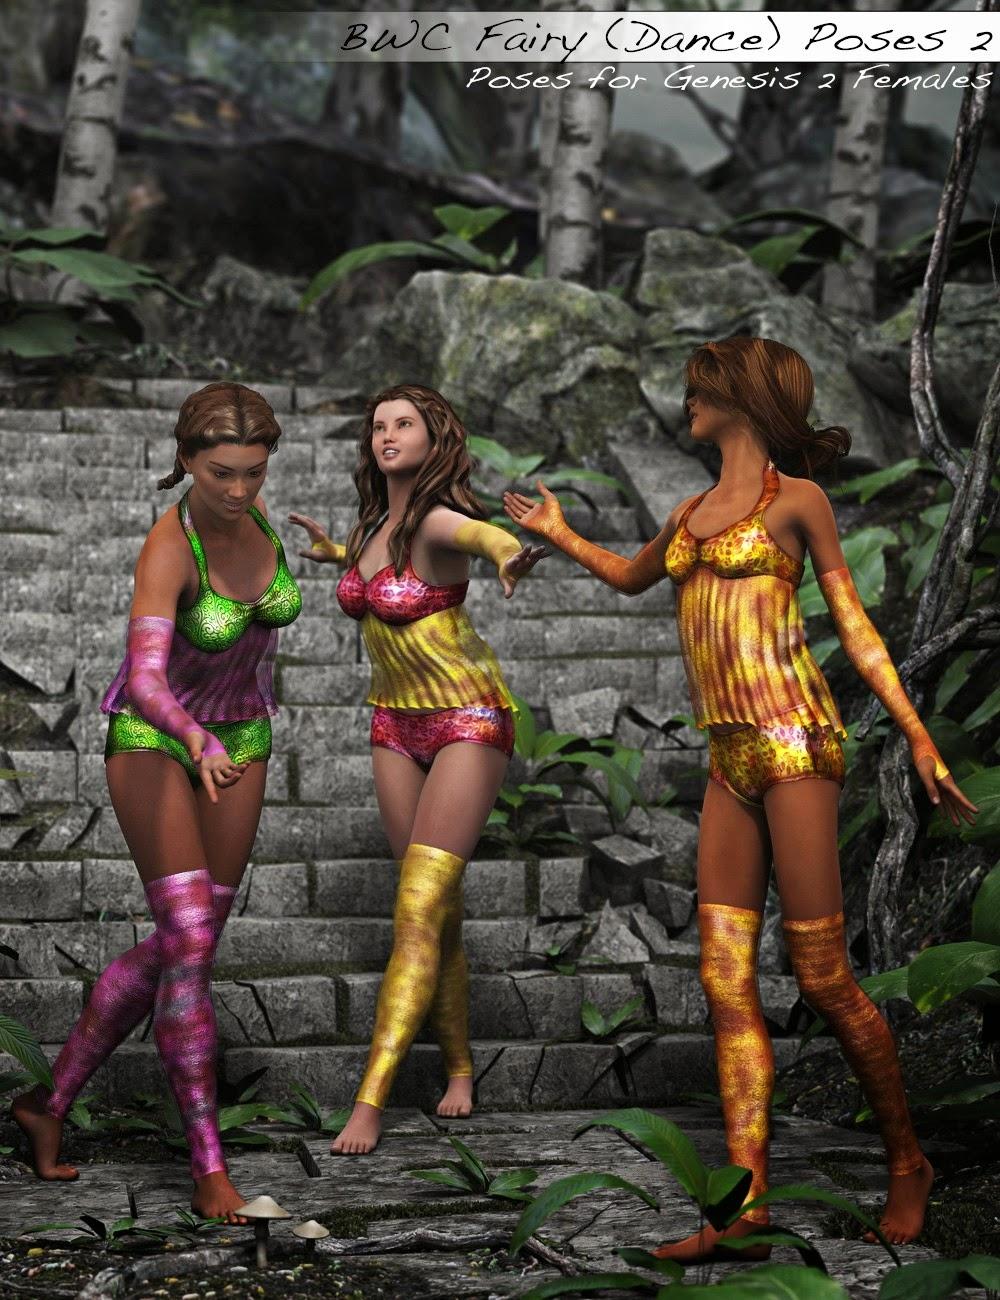 BWC fée (Dance) Poses pour Genesis 2 Femme